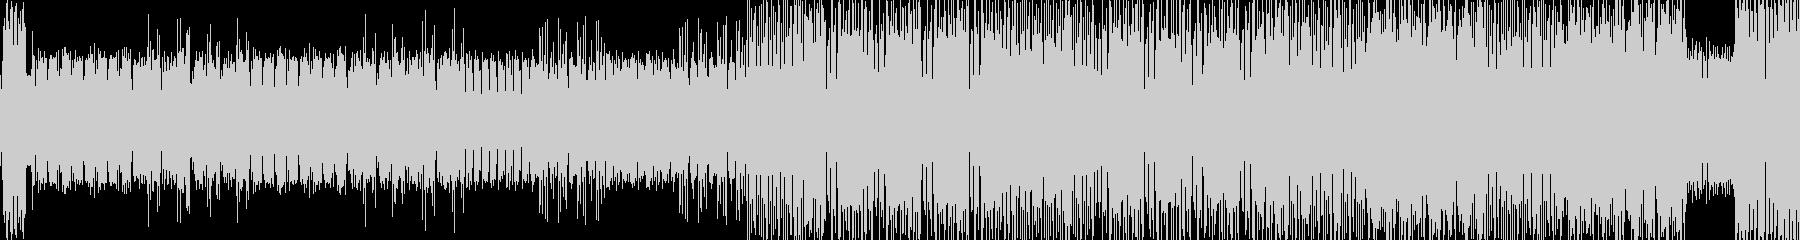 ビキビキといった電子音などの未再生の波形